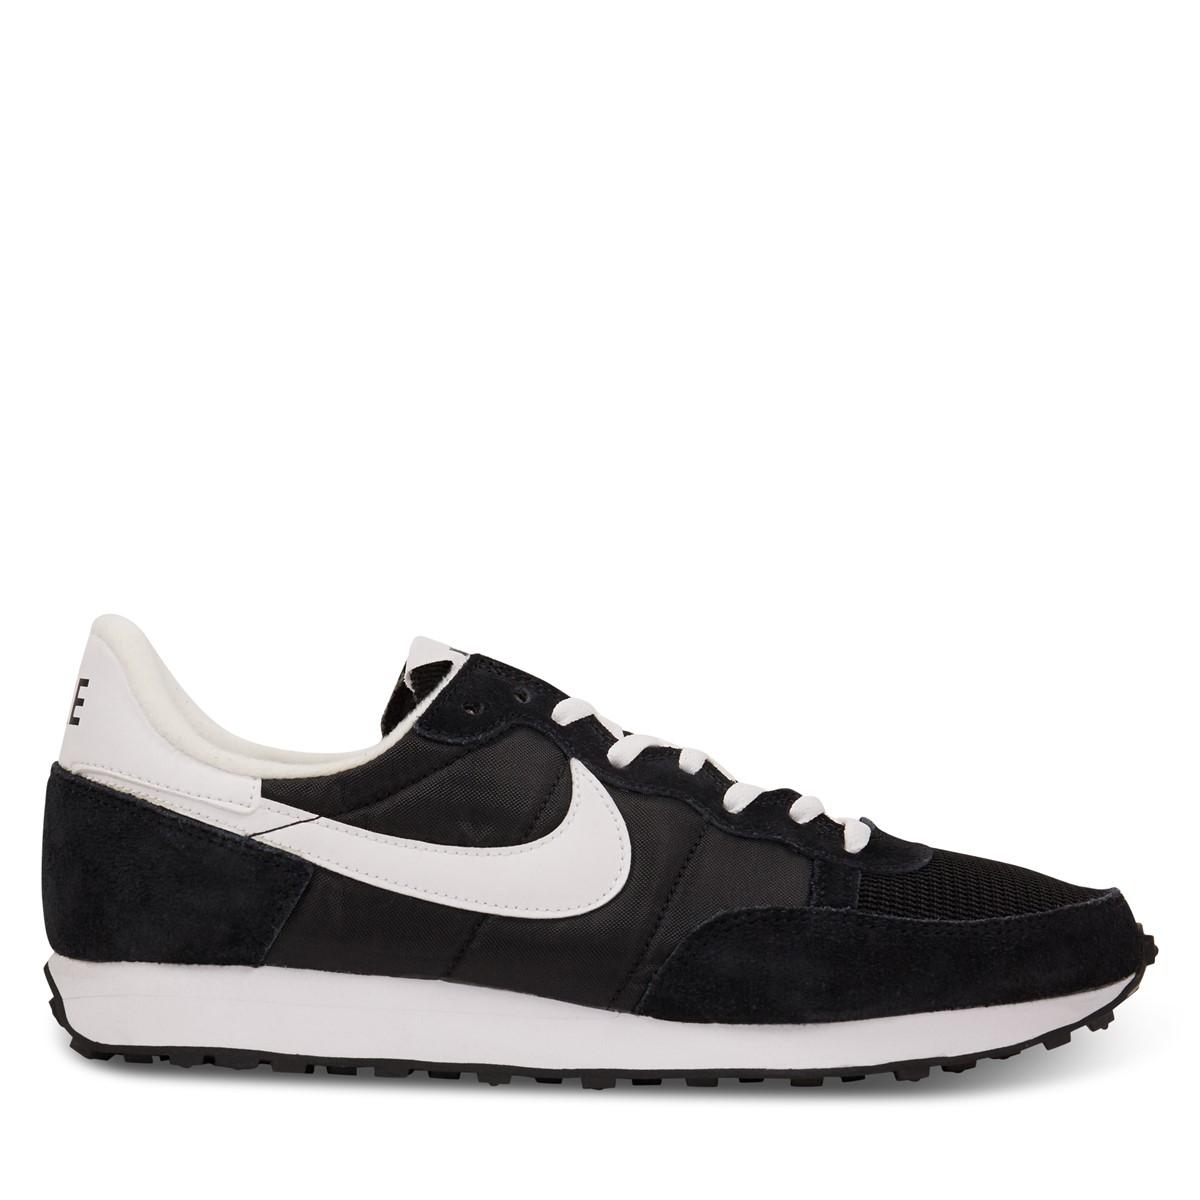 Men's Challenger OG Sneakers in Black/White